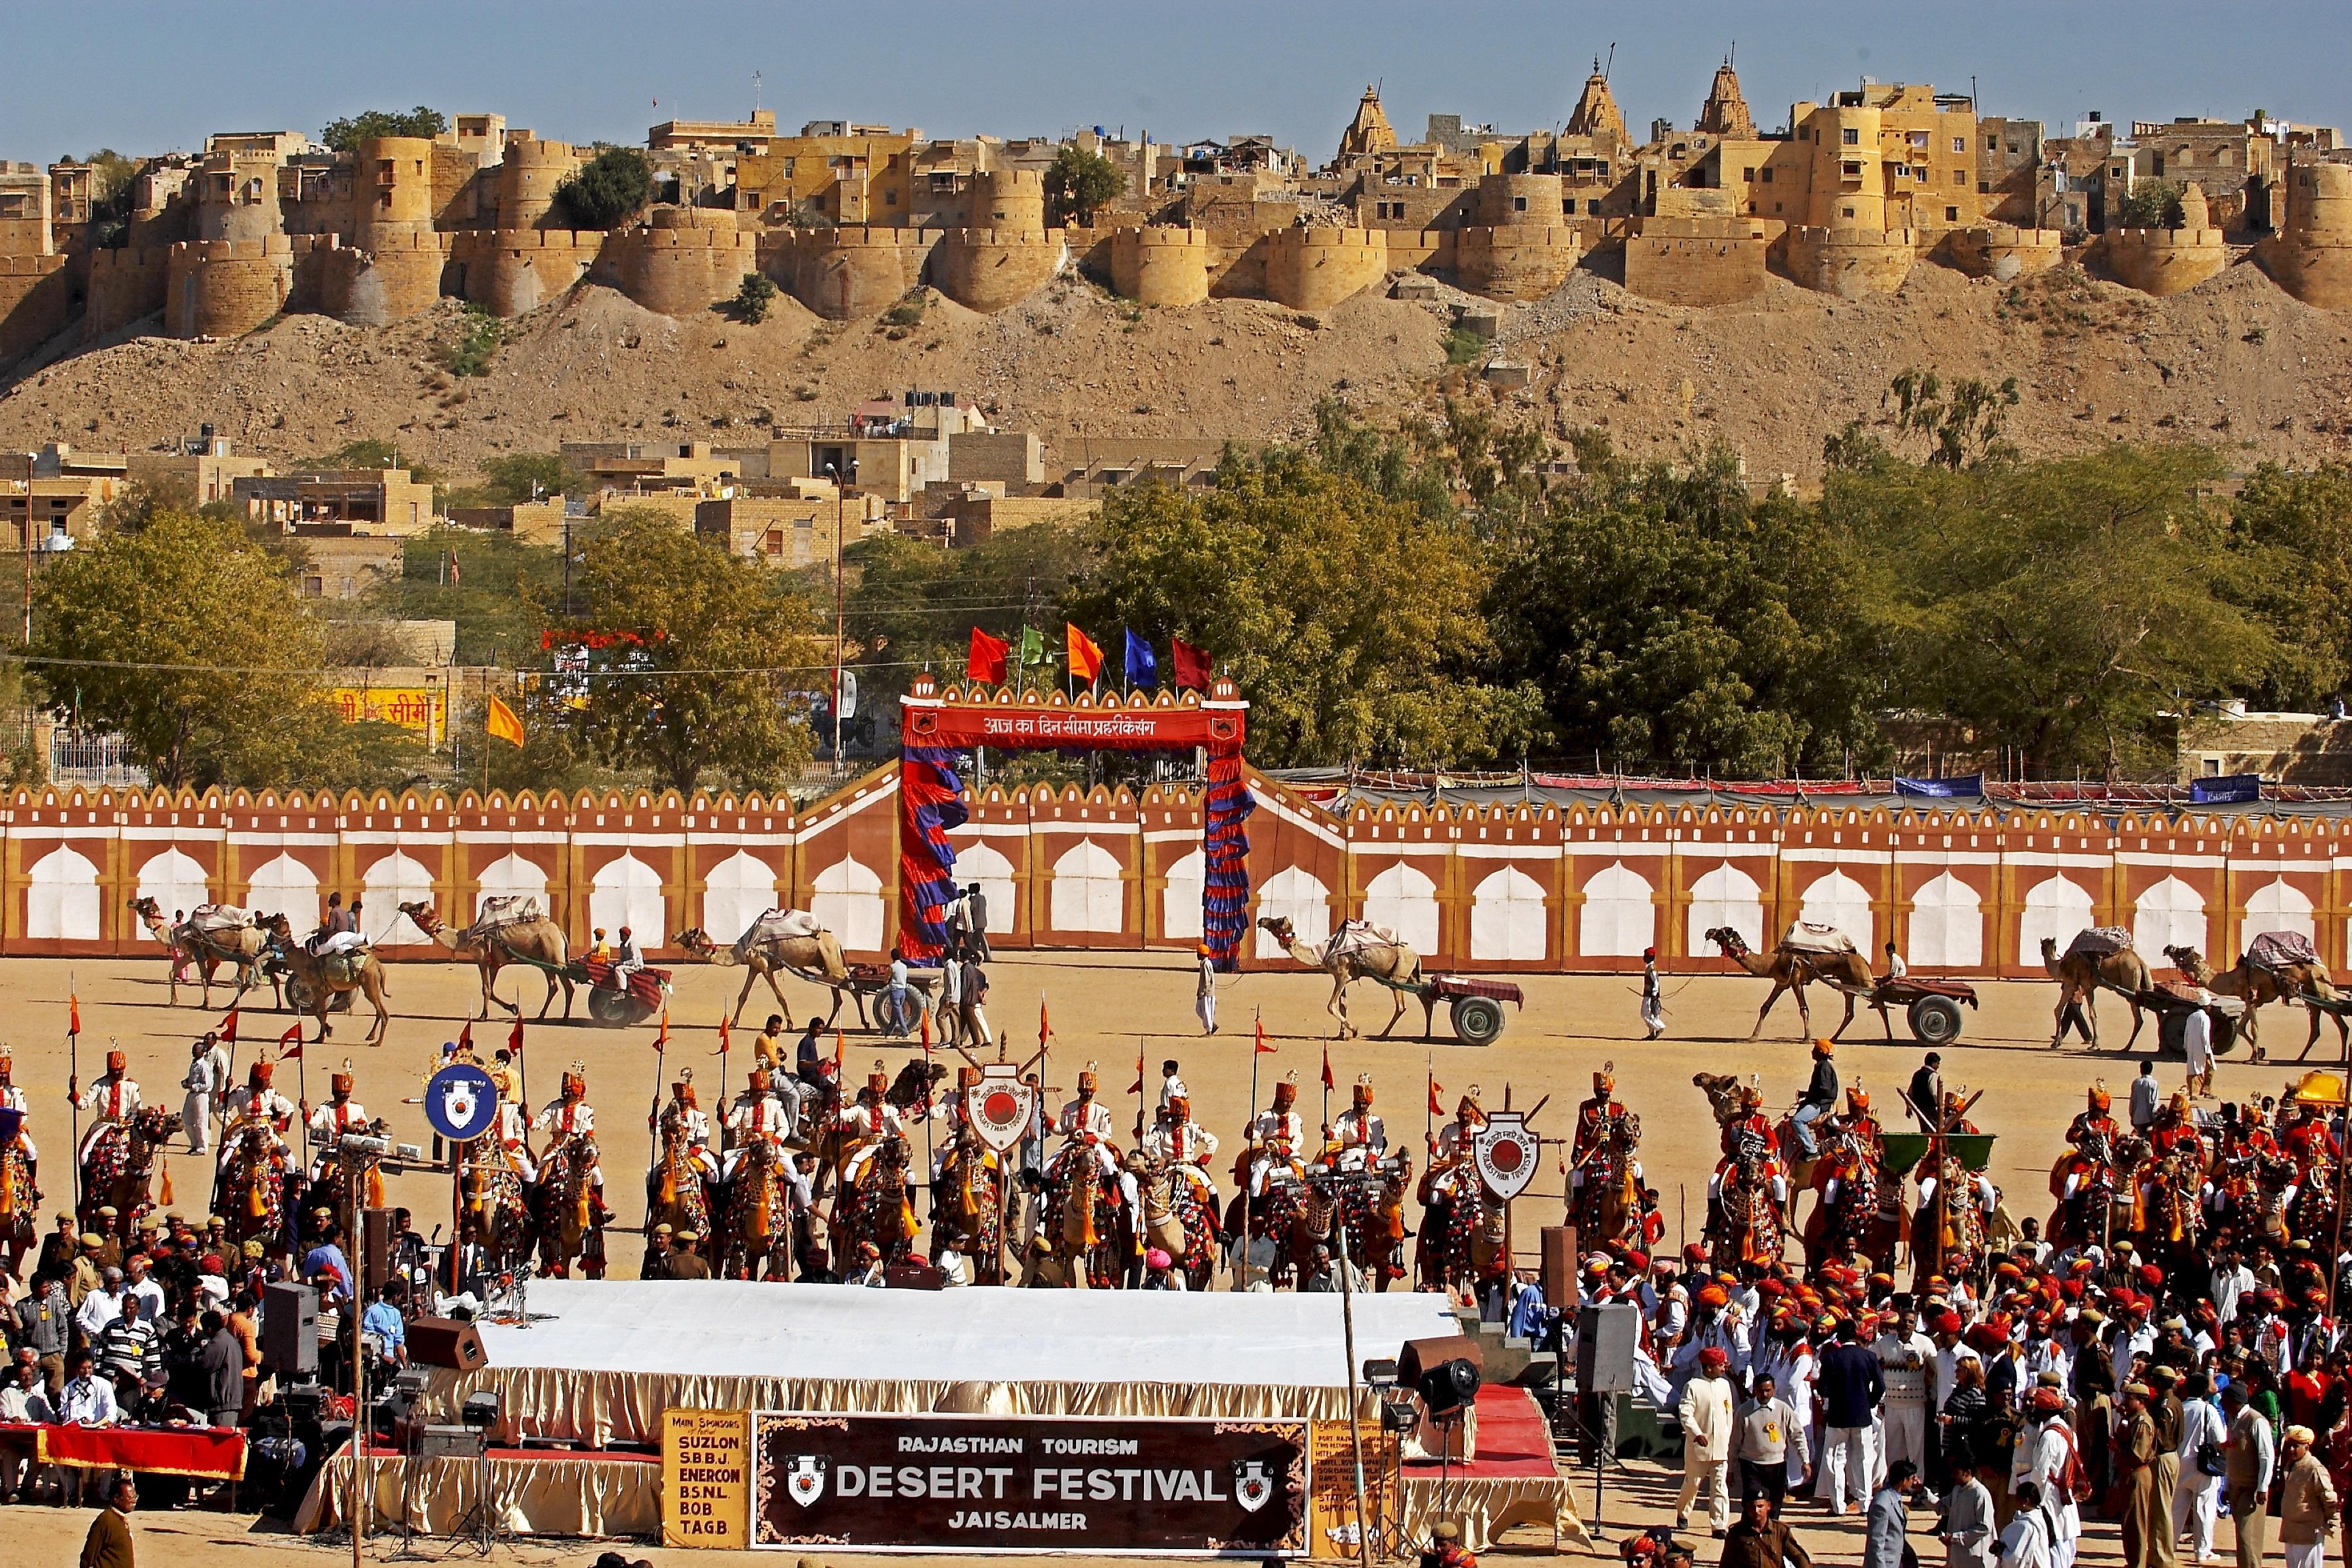 Jaipur Desert Festival